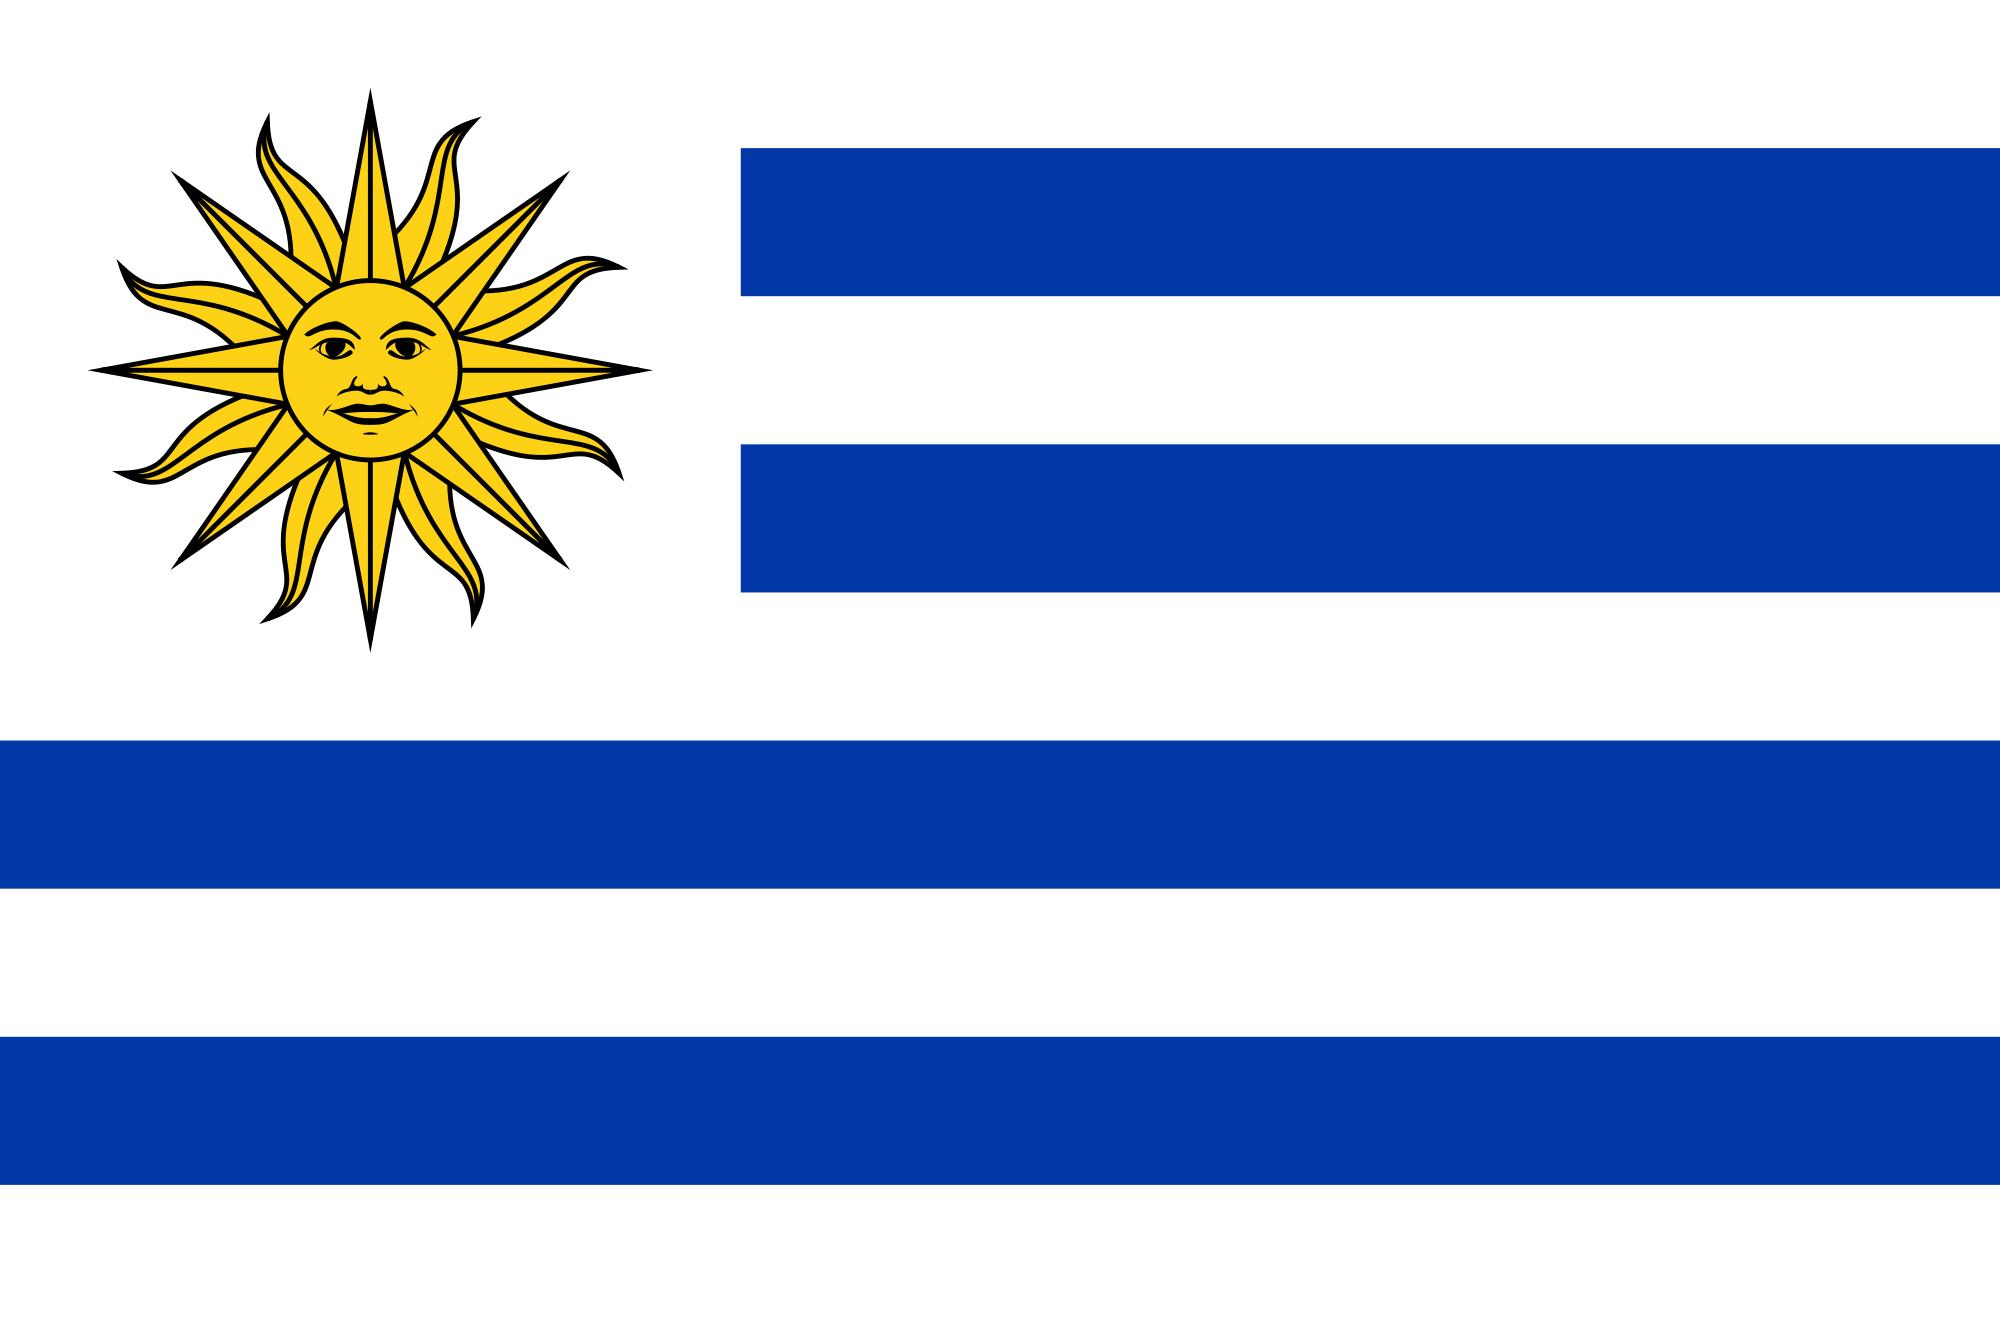 A Primeira Bandeira Do Brasil Republica bandeira do uruguai • bandeiras do mundo